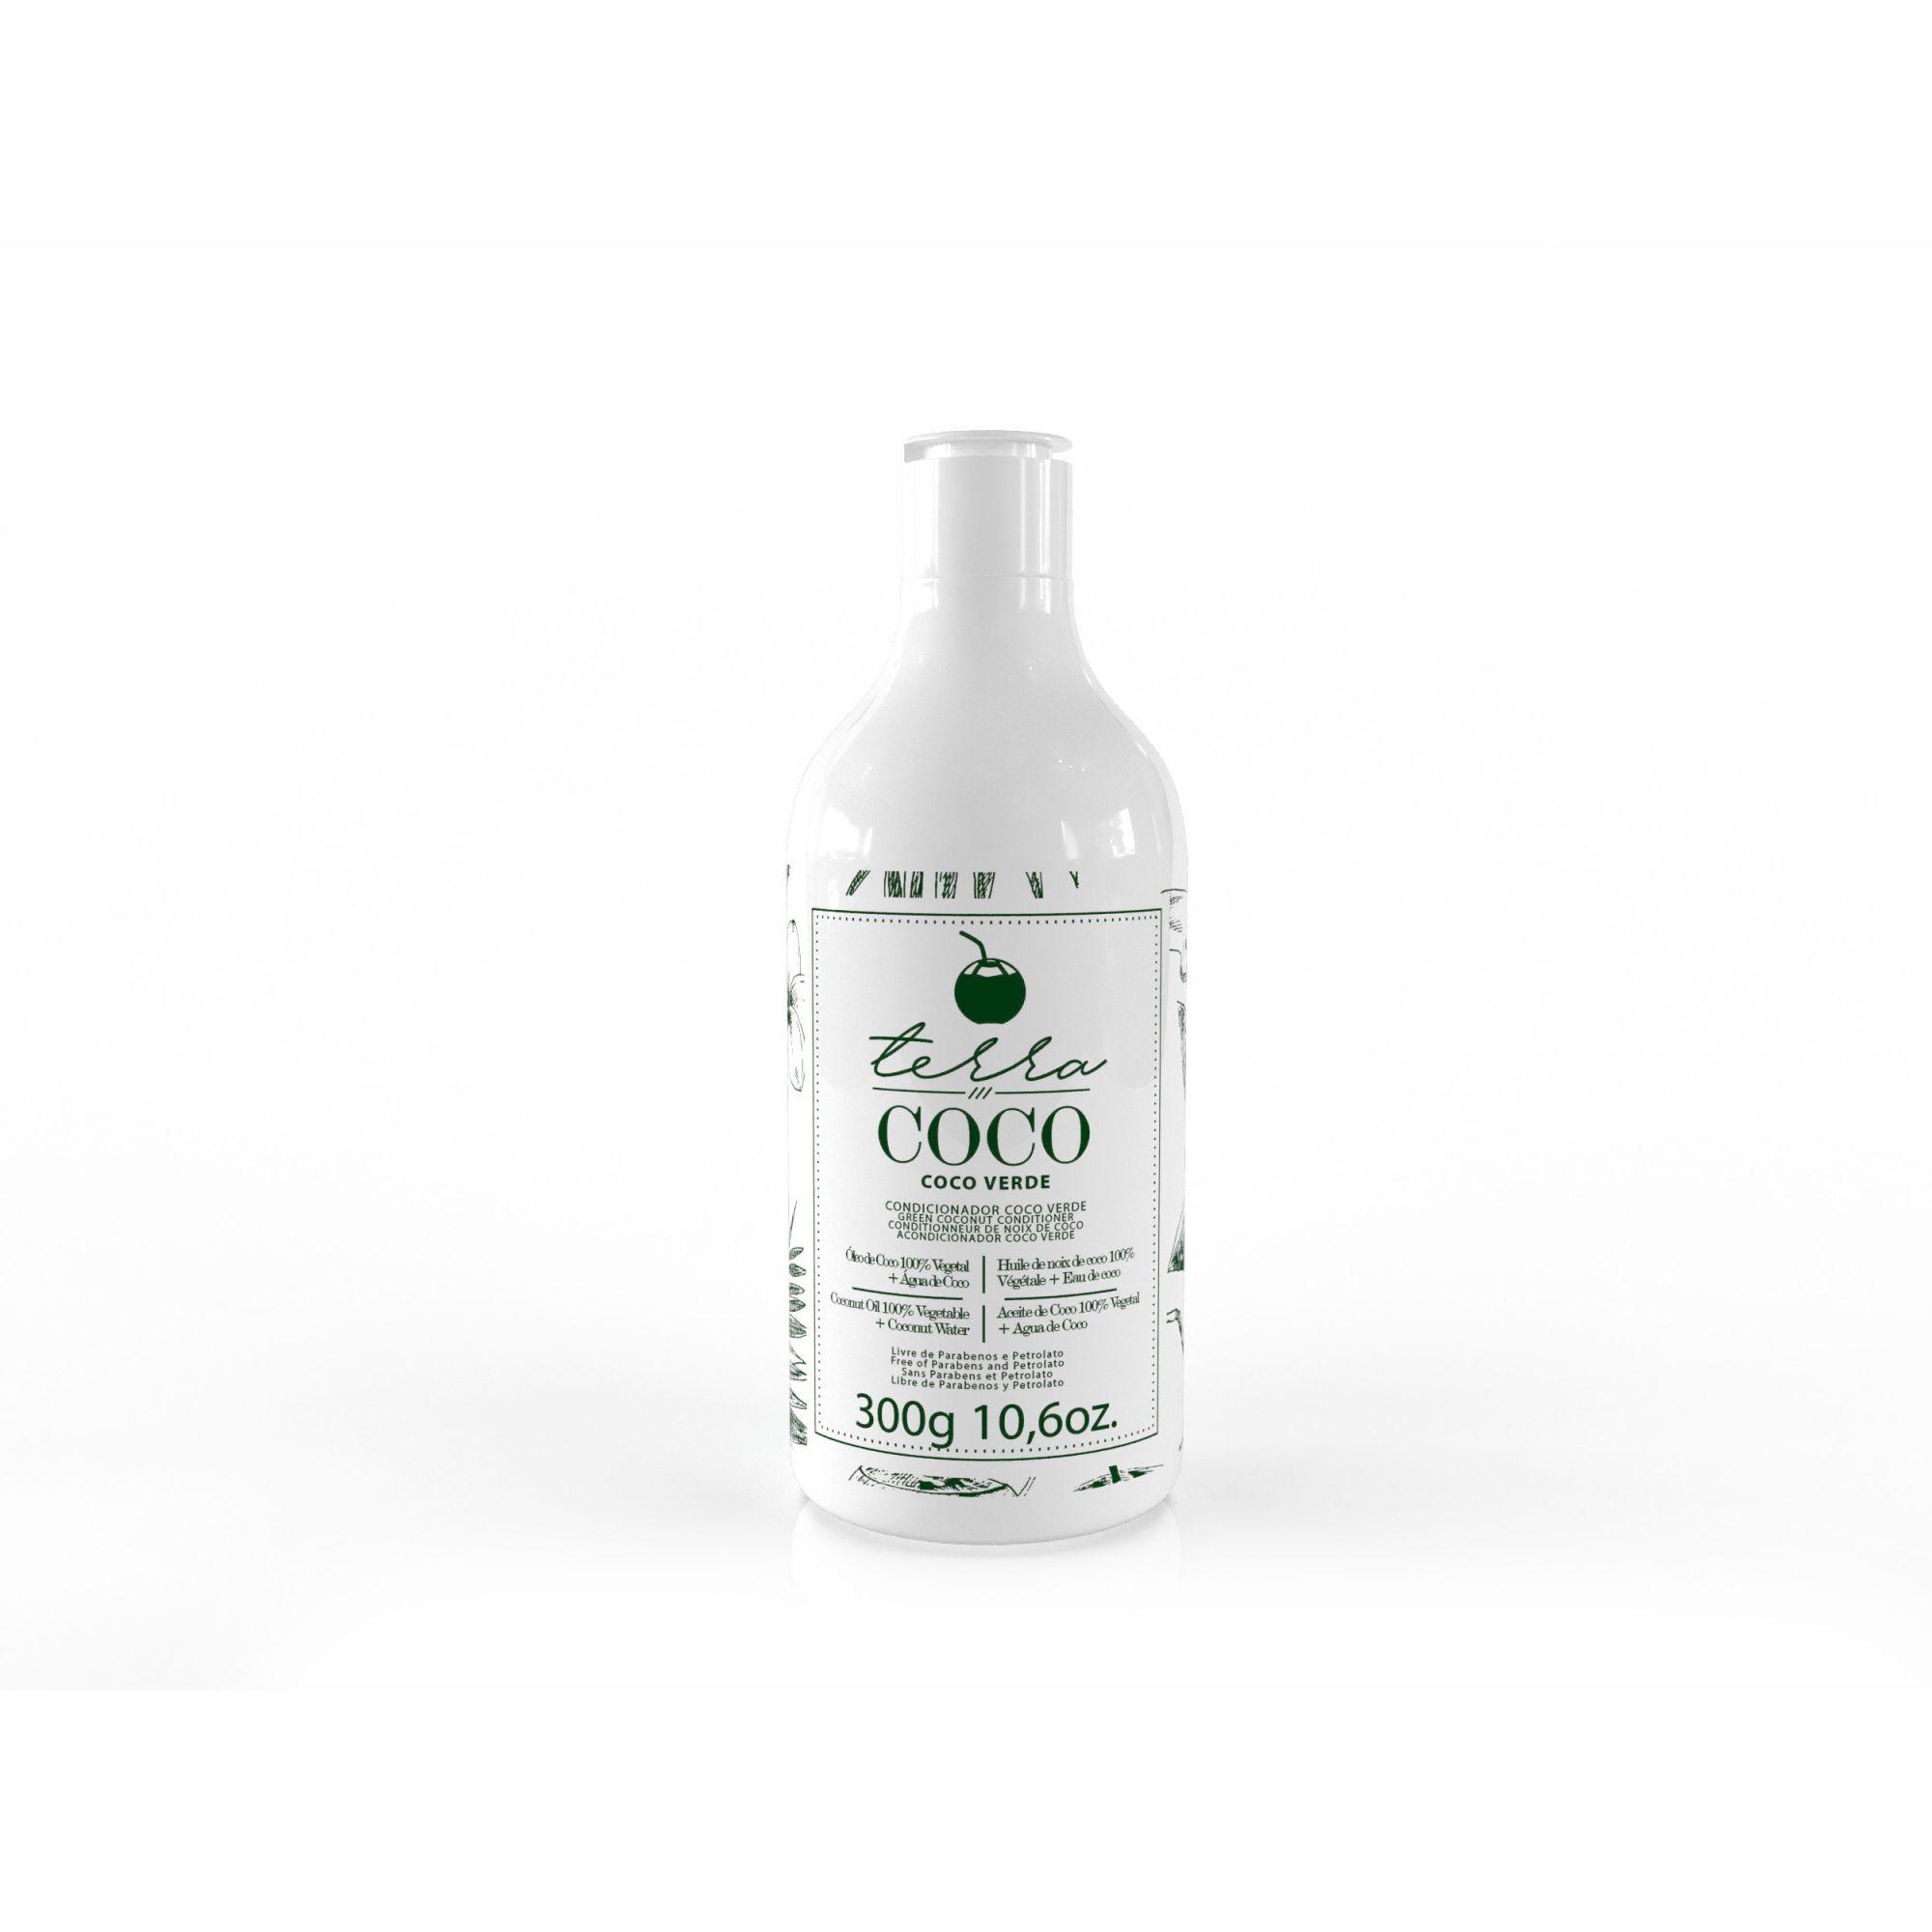 Condicionador Coco Verde 300g - Terra Coco